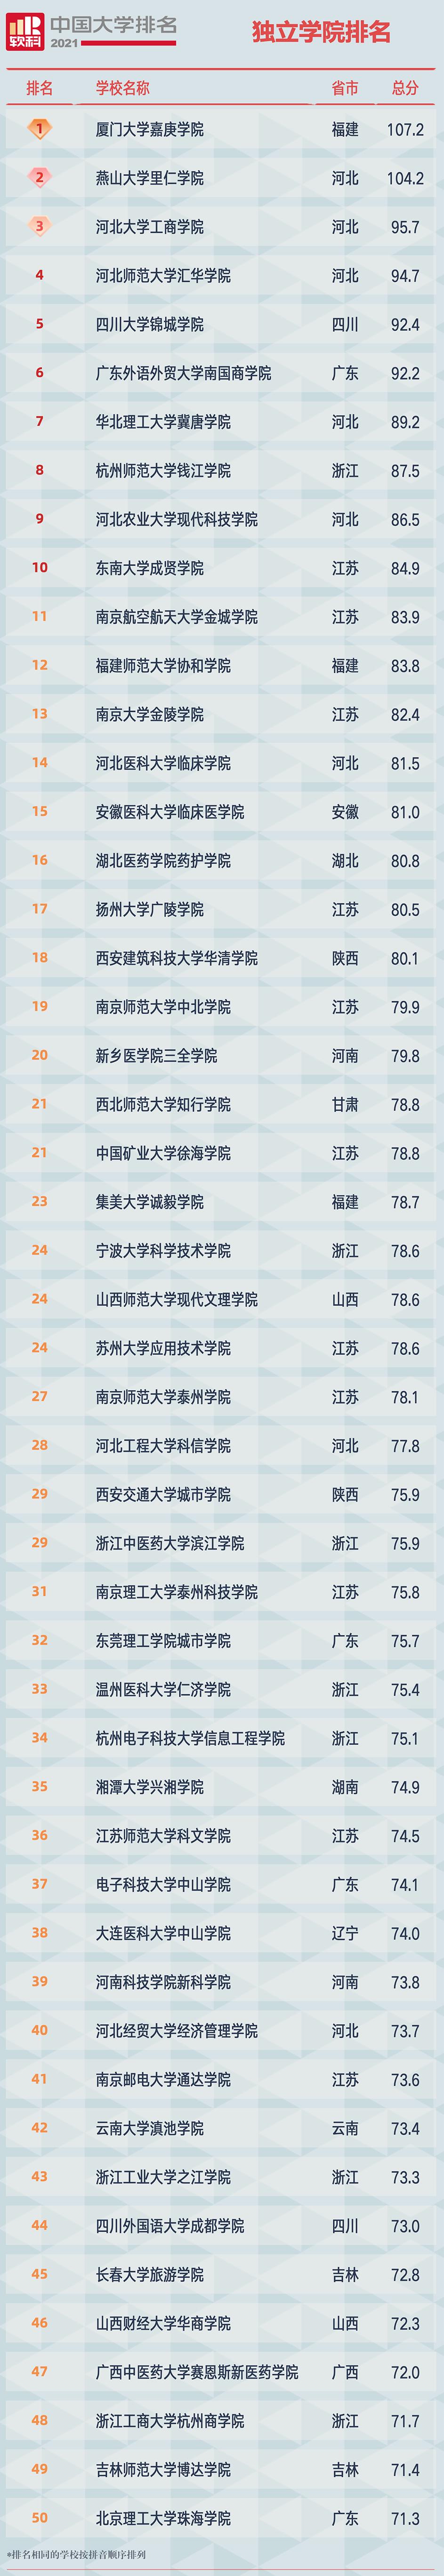 2021软科中国独立学院排名榜单